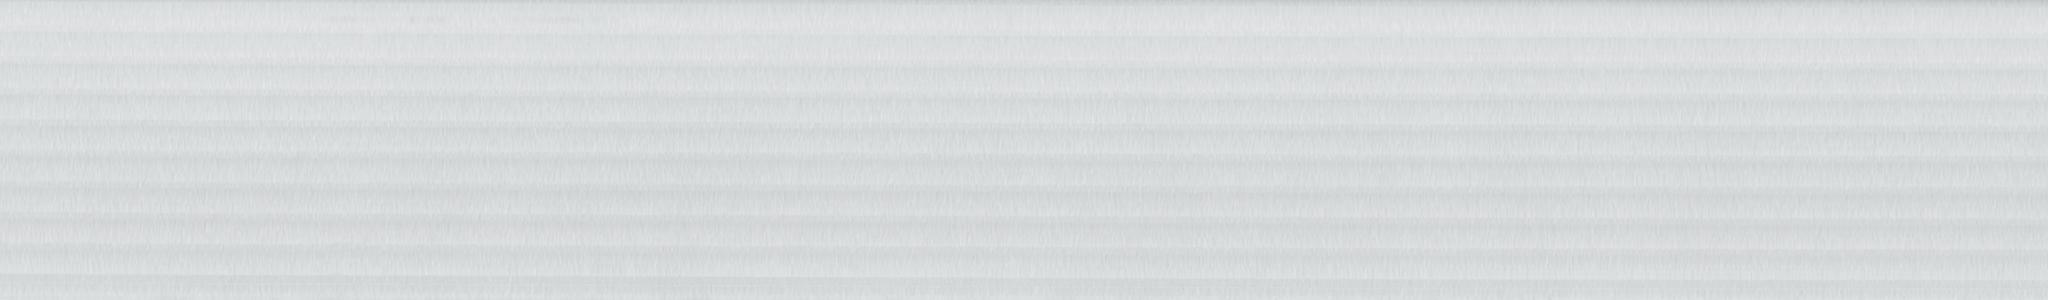 HD 29297 Acryl 3D Kante Silber